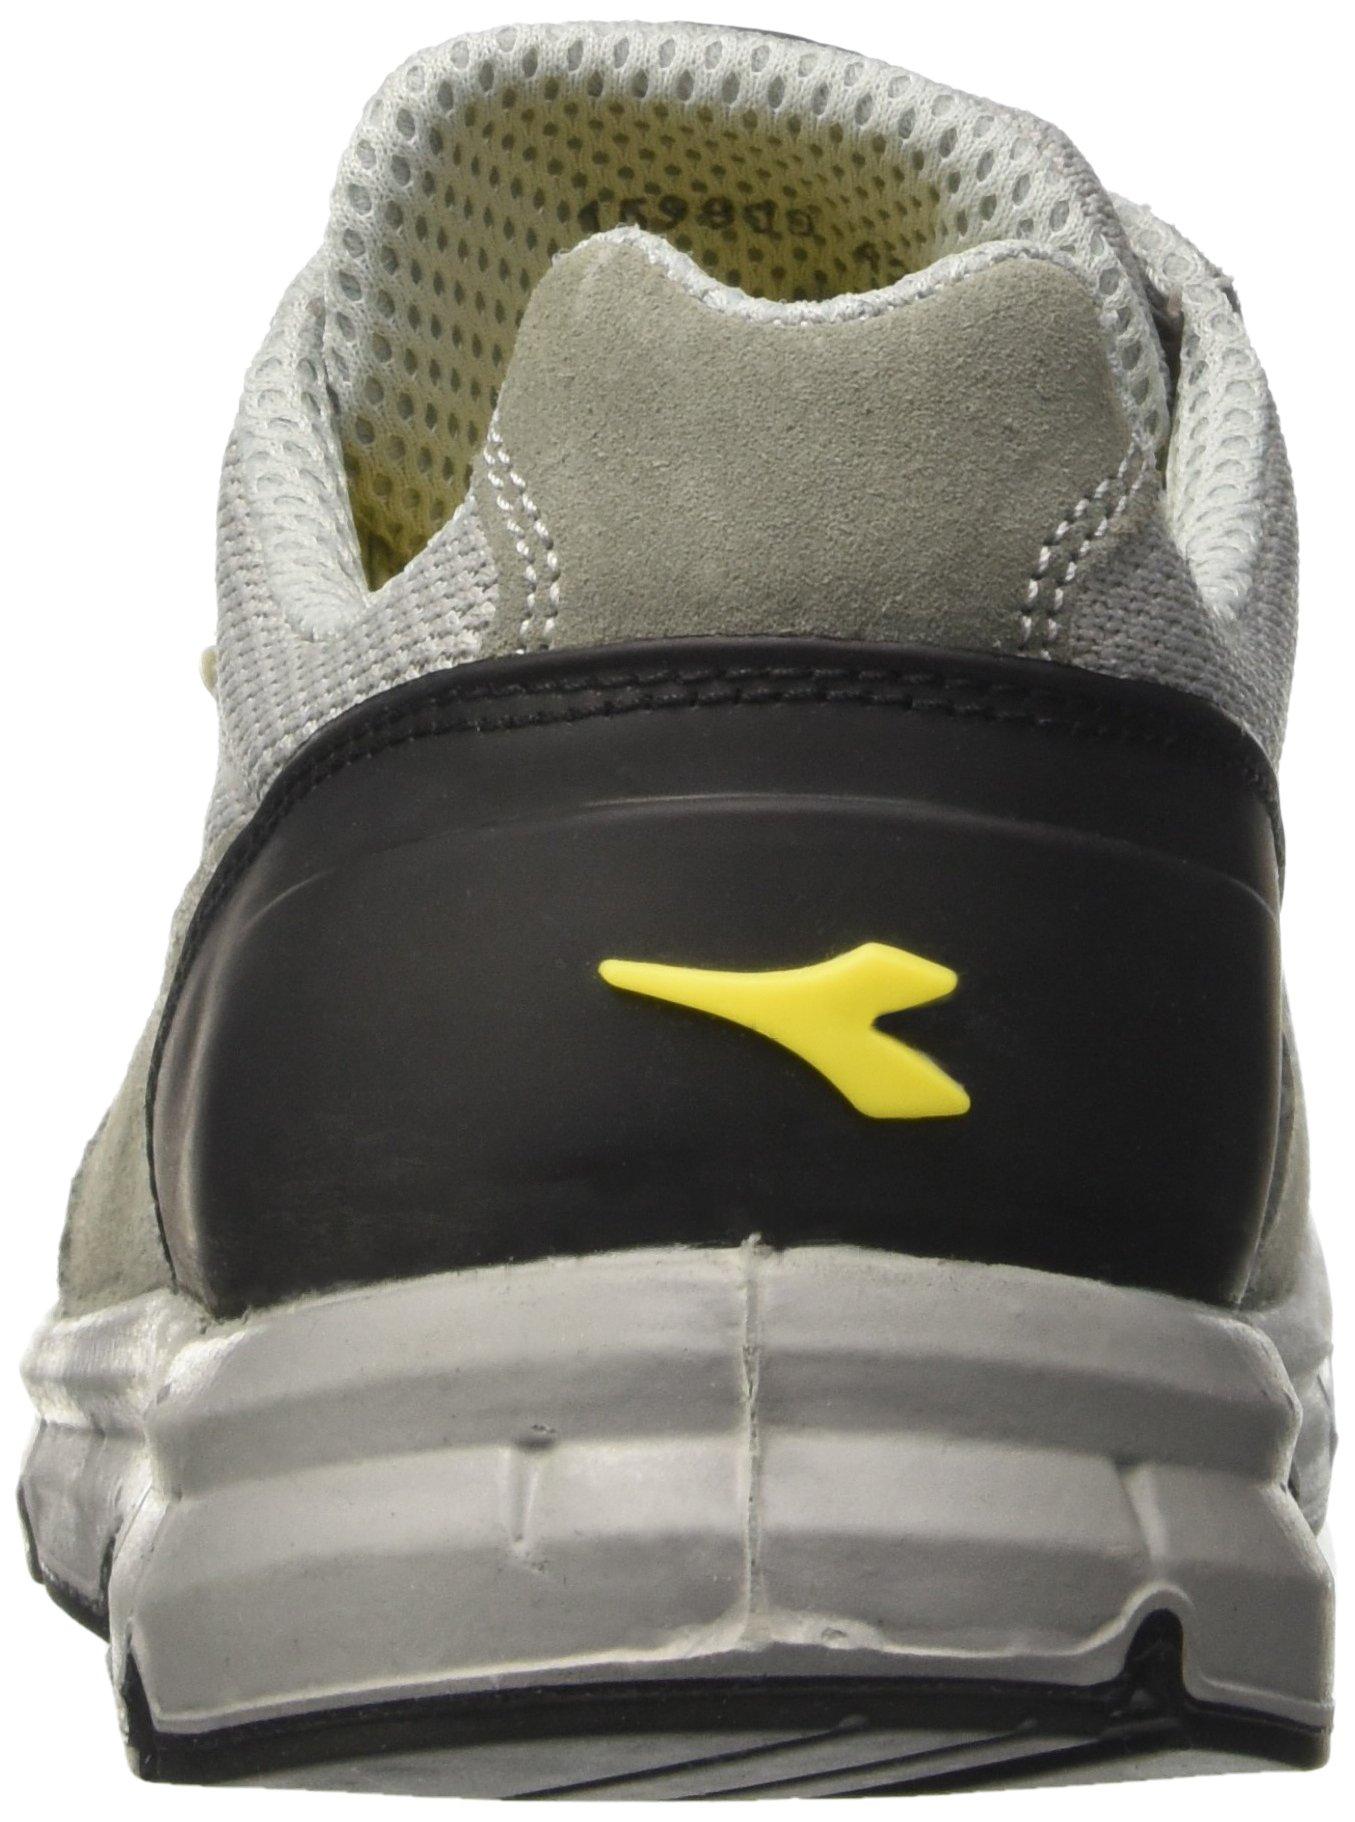 Diadora Run Textile Esd Low S1p Scarpe Da Lavoro Unisex Adulto Src